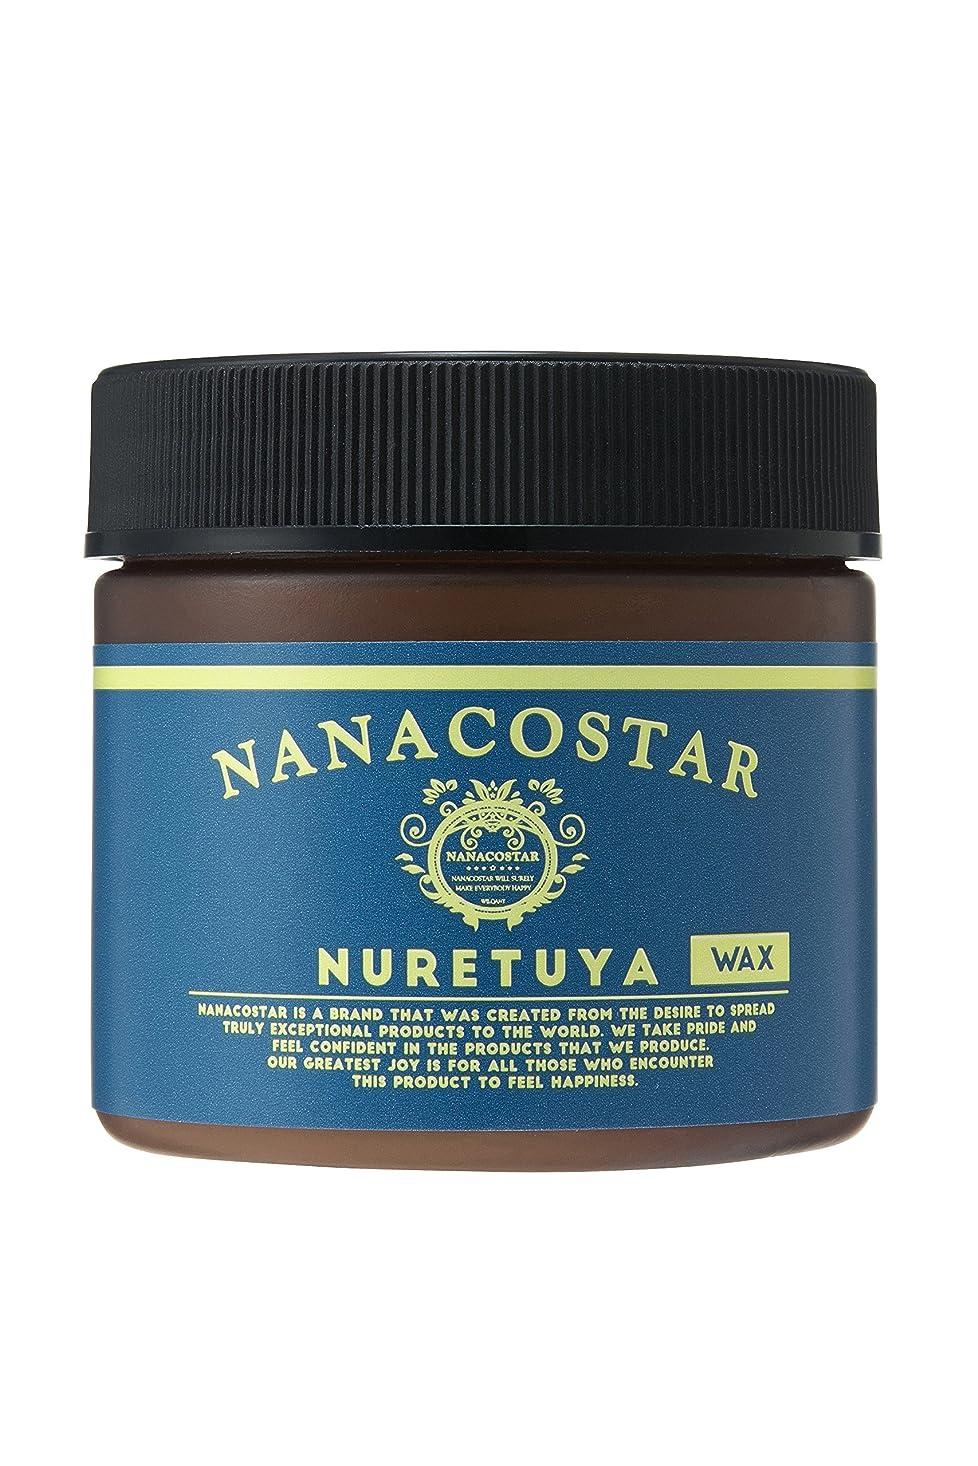 所得気まぐれな不定ナナコスター [NANACOSTAR] ヌレツヤ ワックス NURETUYA WAX 75g